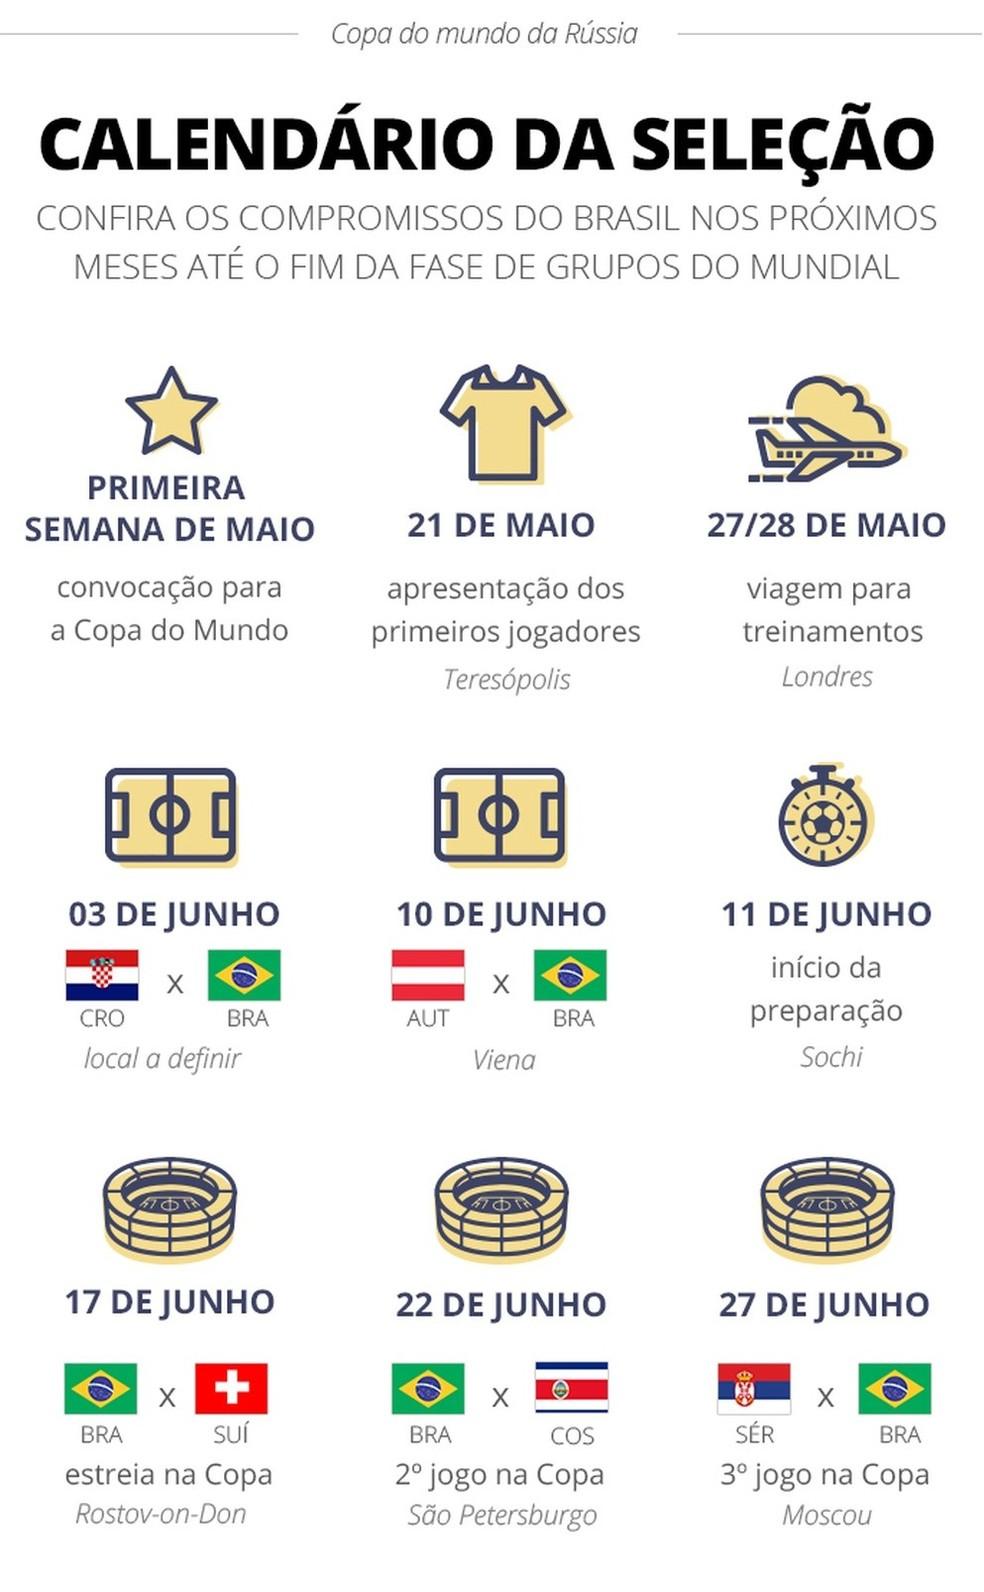 A programação da seleção brasileira até a primeira fase da Copa do Mundo (Foto: Infoesporte)